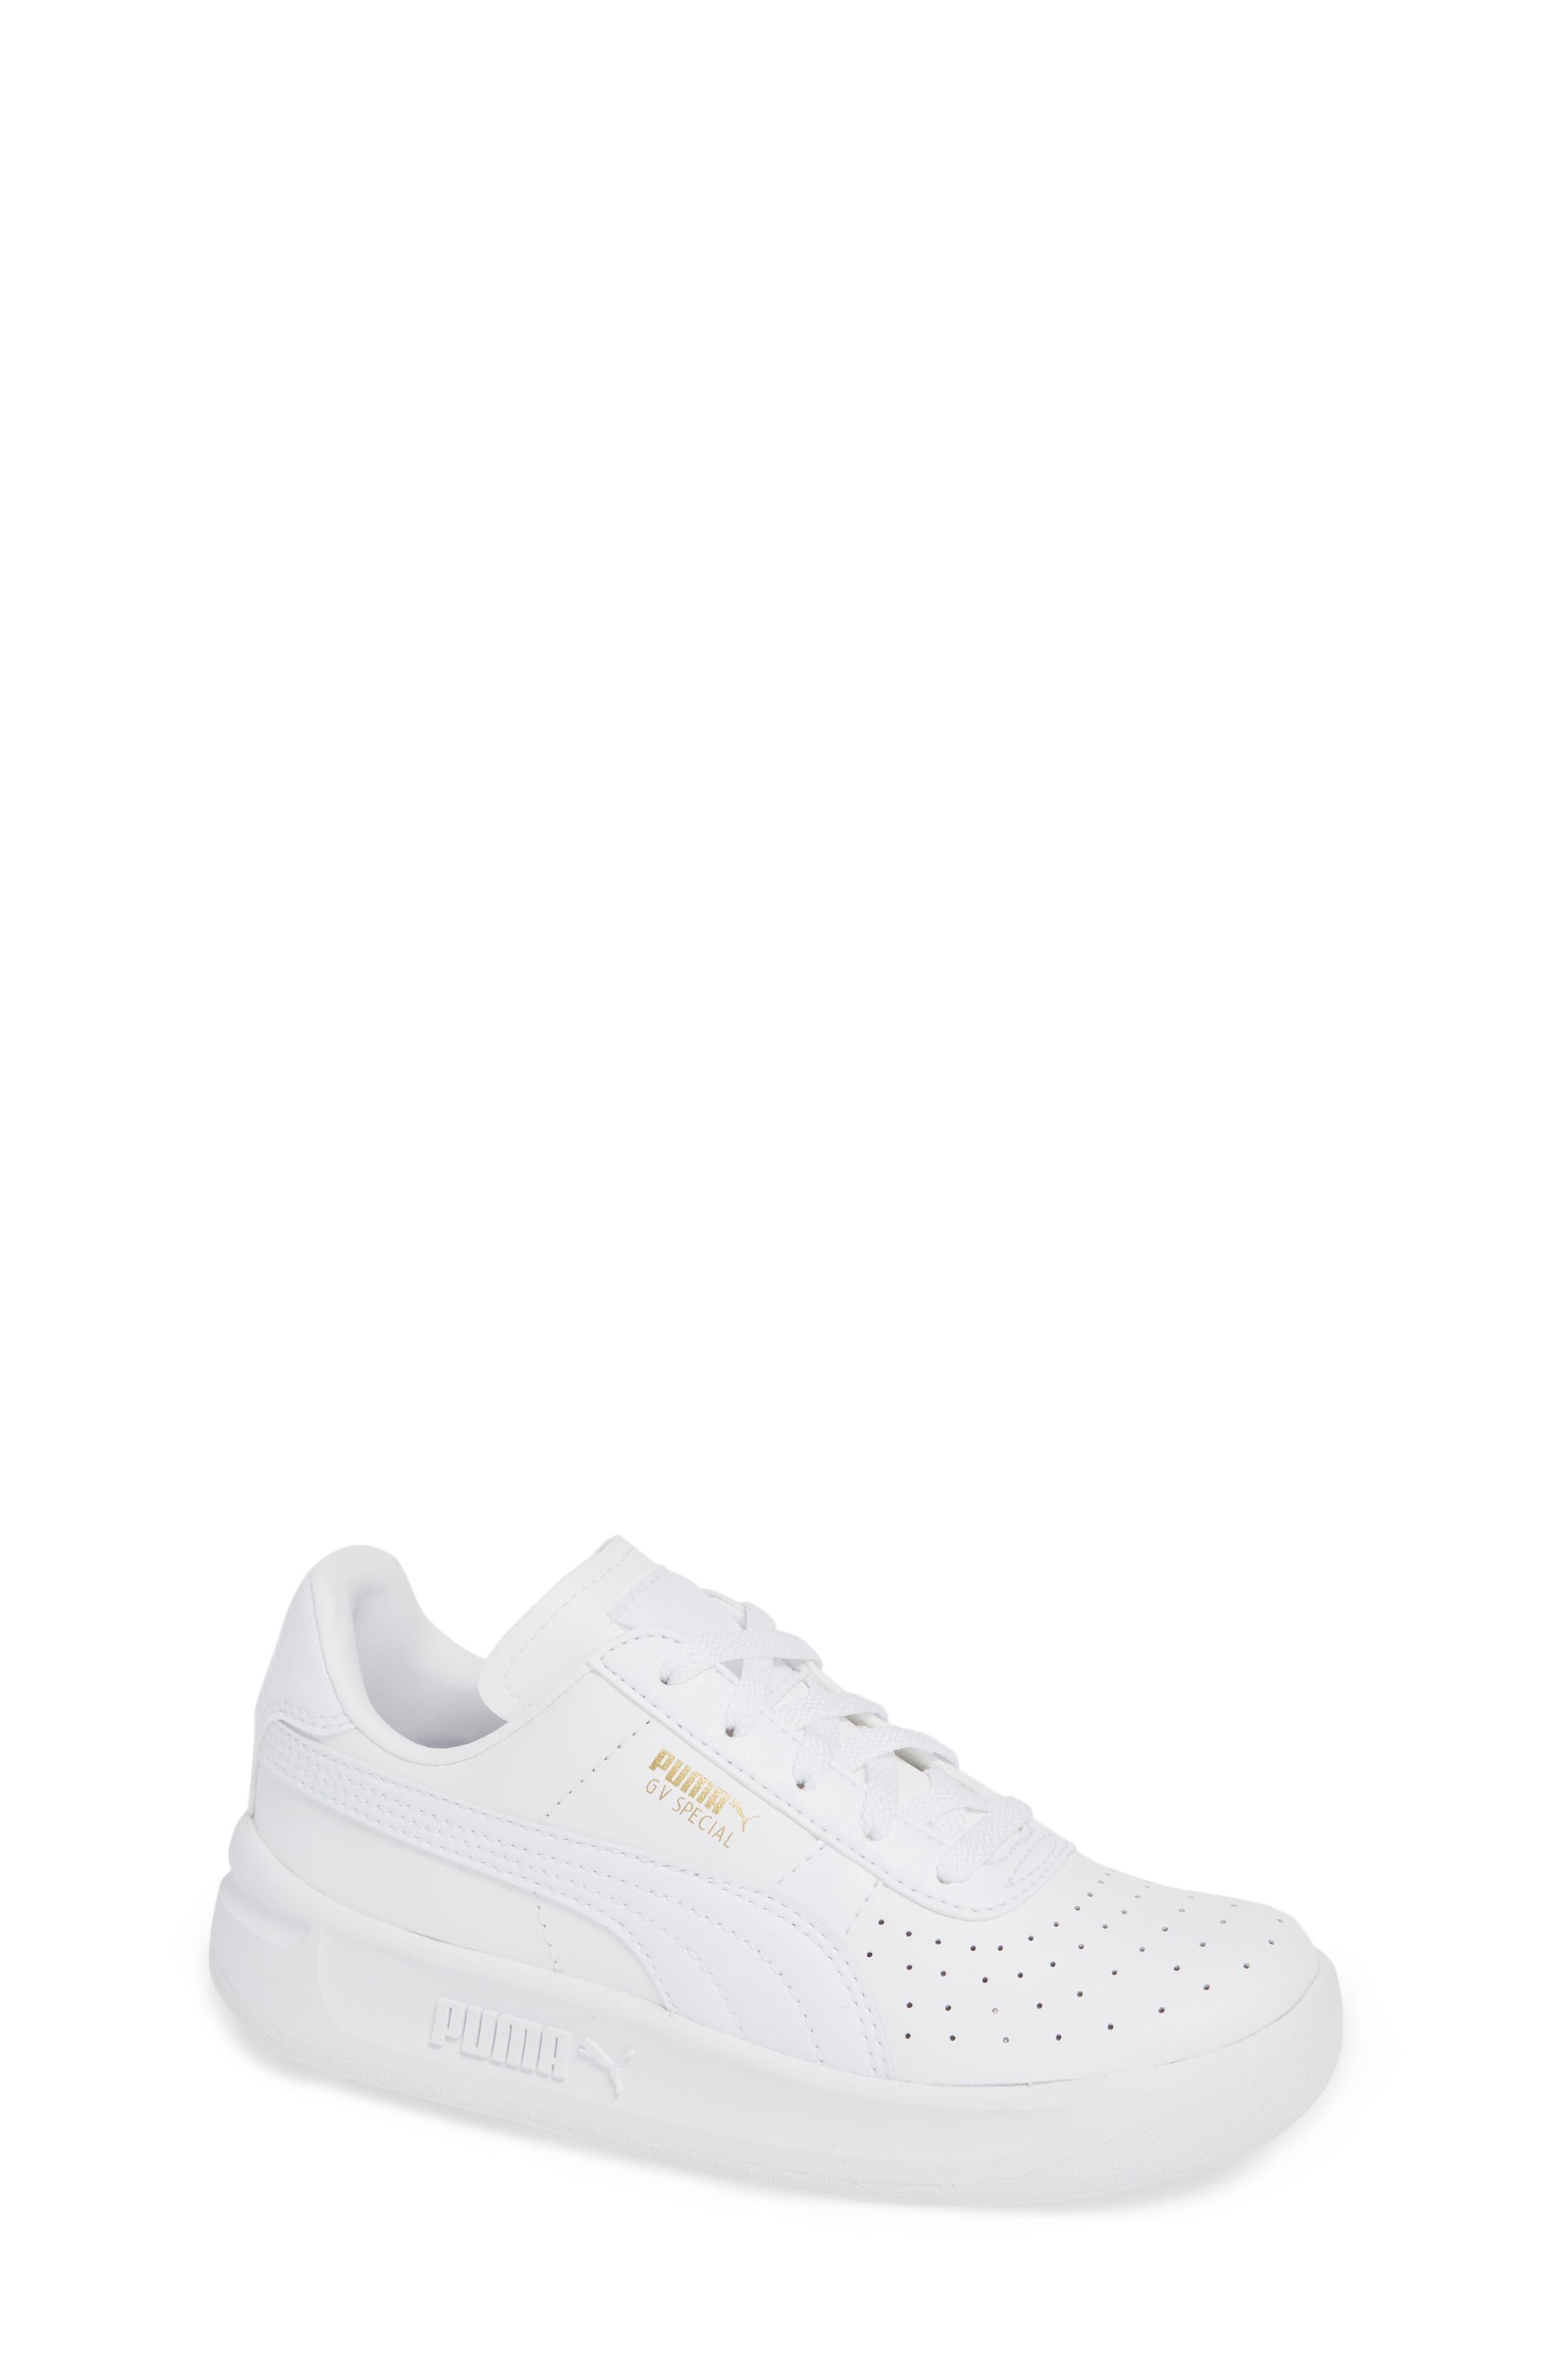 PUMA 'GV Special' Sneaker, Main, color, PUMA WHITE-PUMA TEAM GOLD